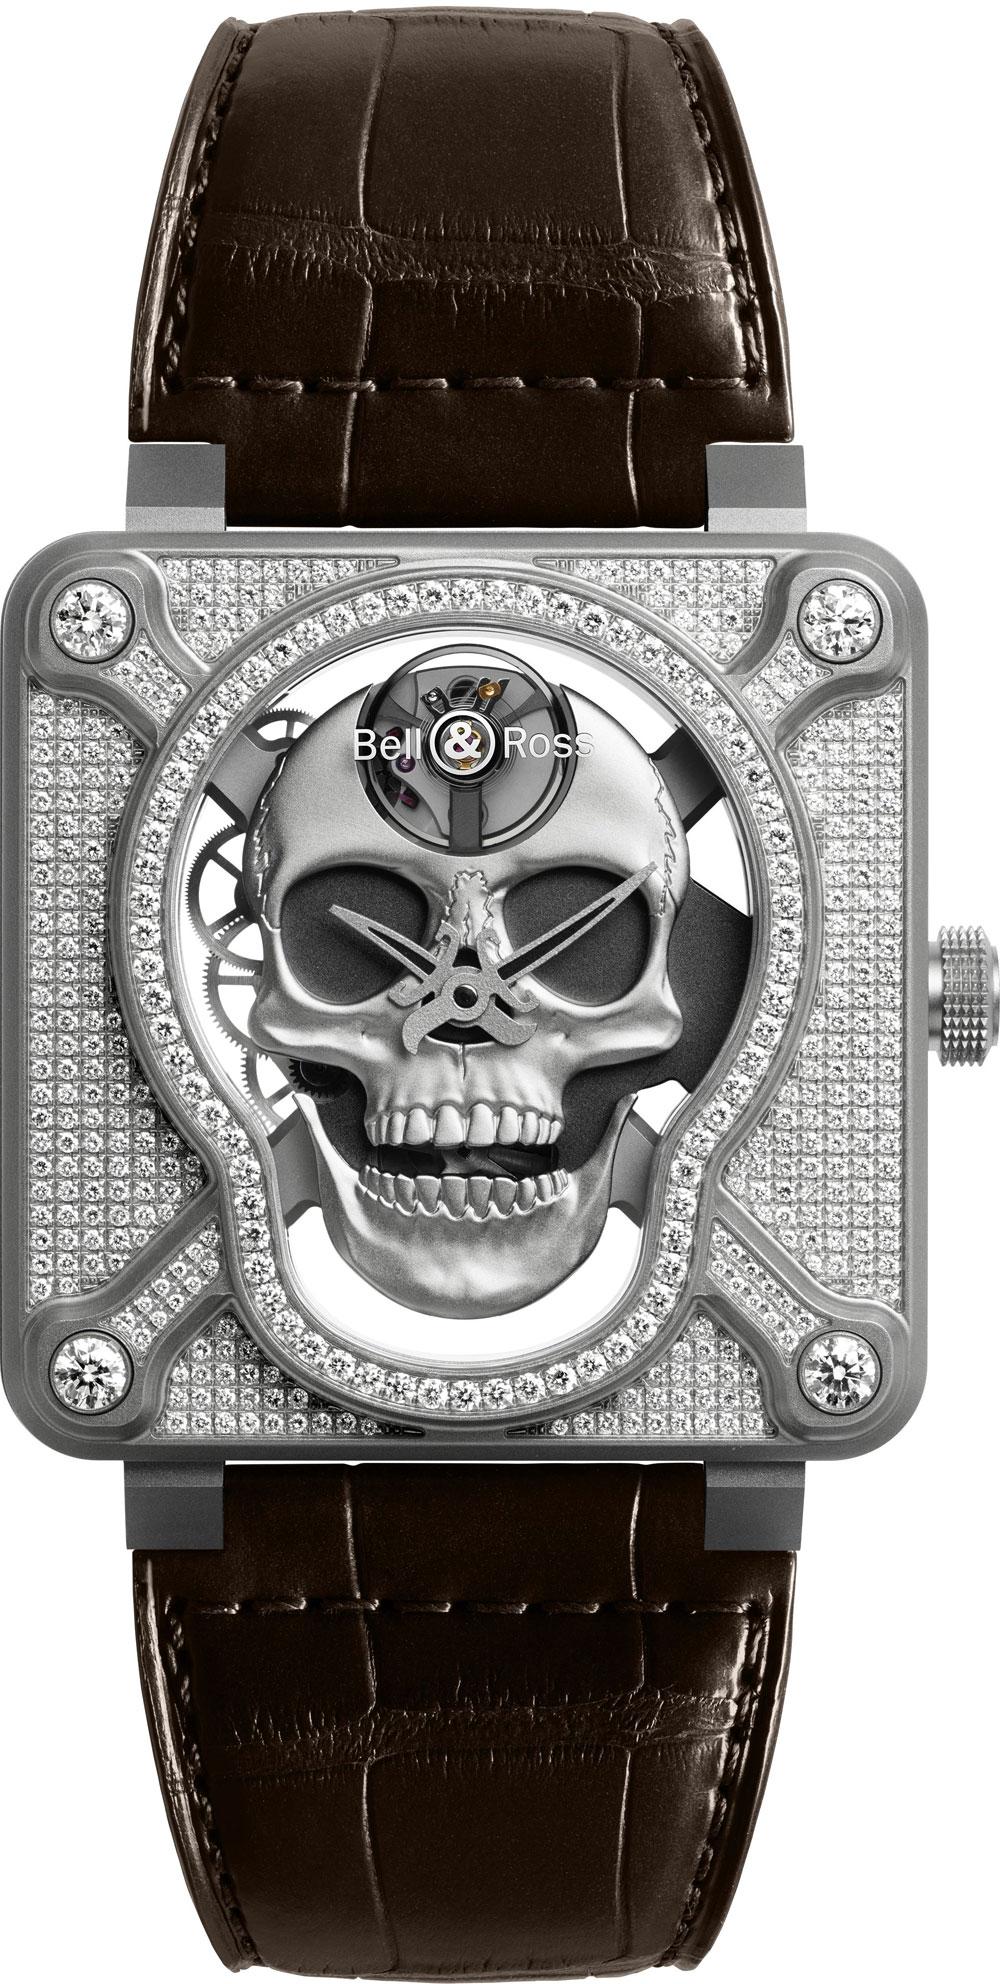 Reloj BR 01 Laughing Skull de Bell & Ross full pavé